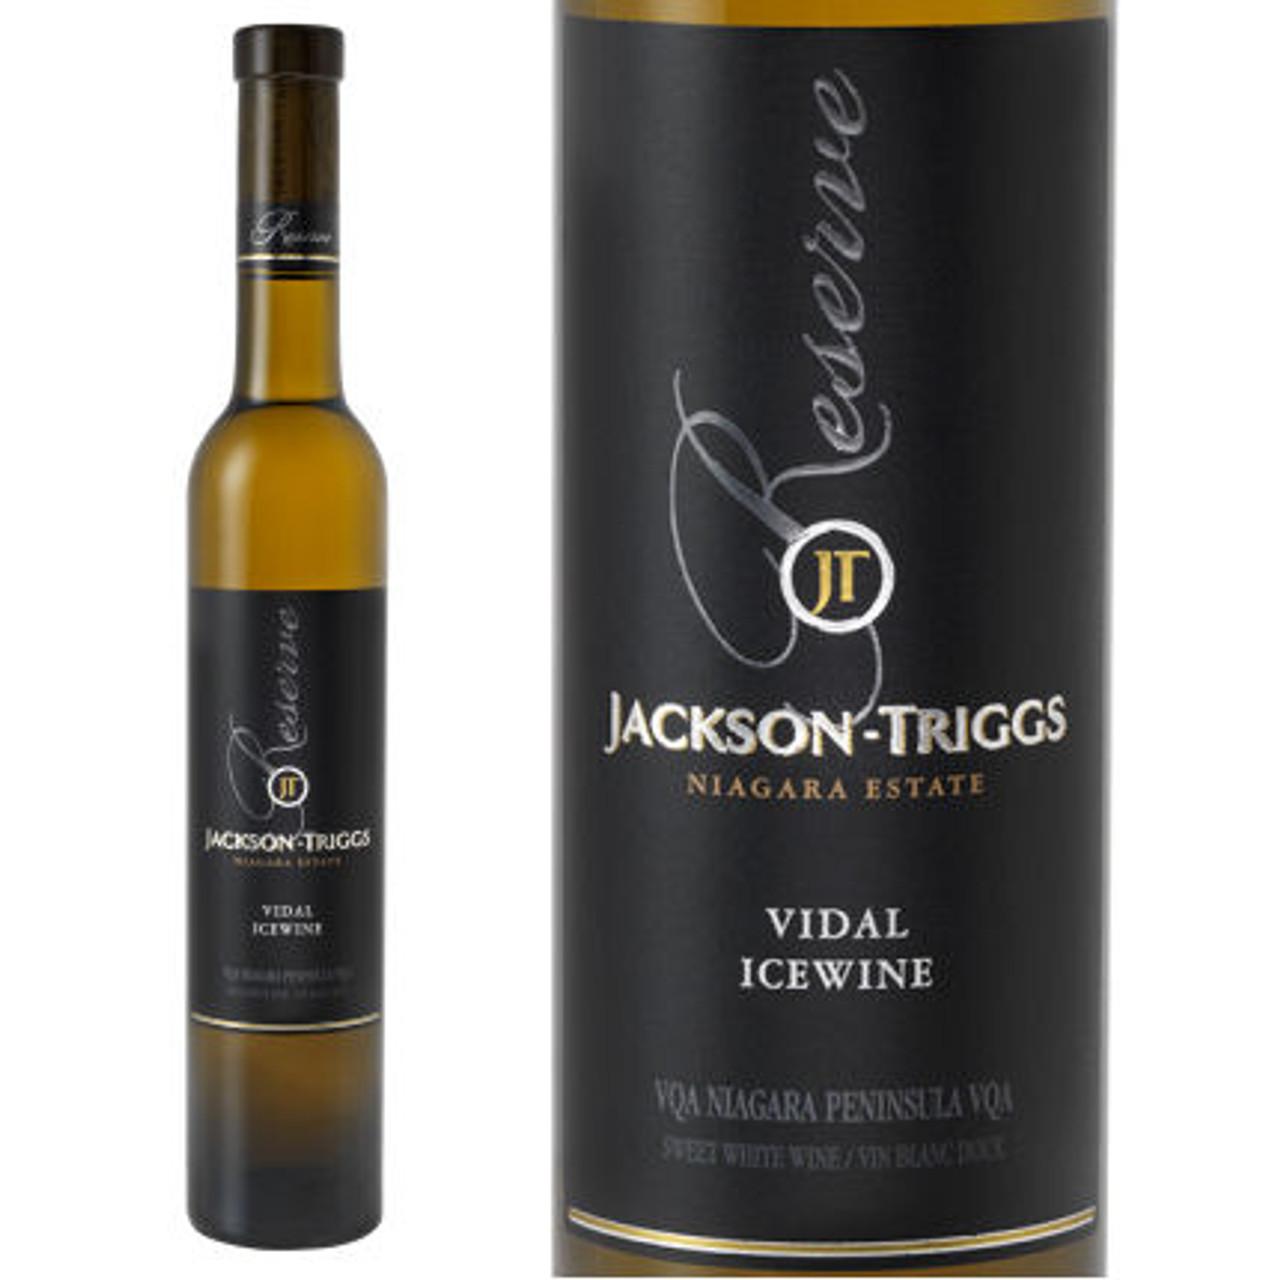 Jackson-Triggs Vidal Niagara Peninsula Icewine Proprietors' Reserve